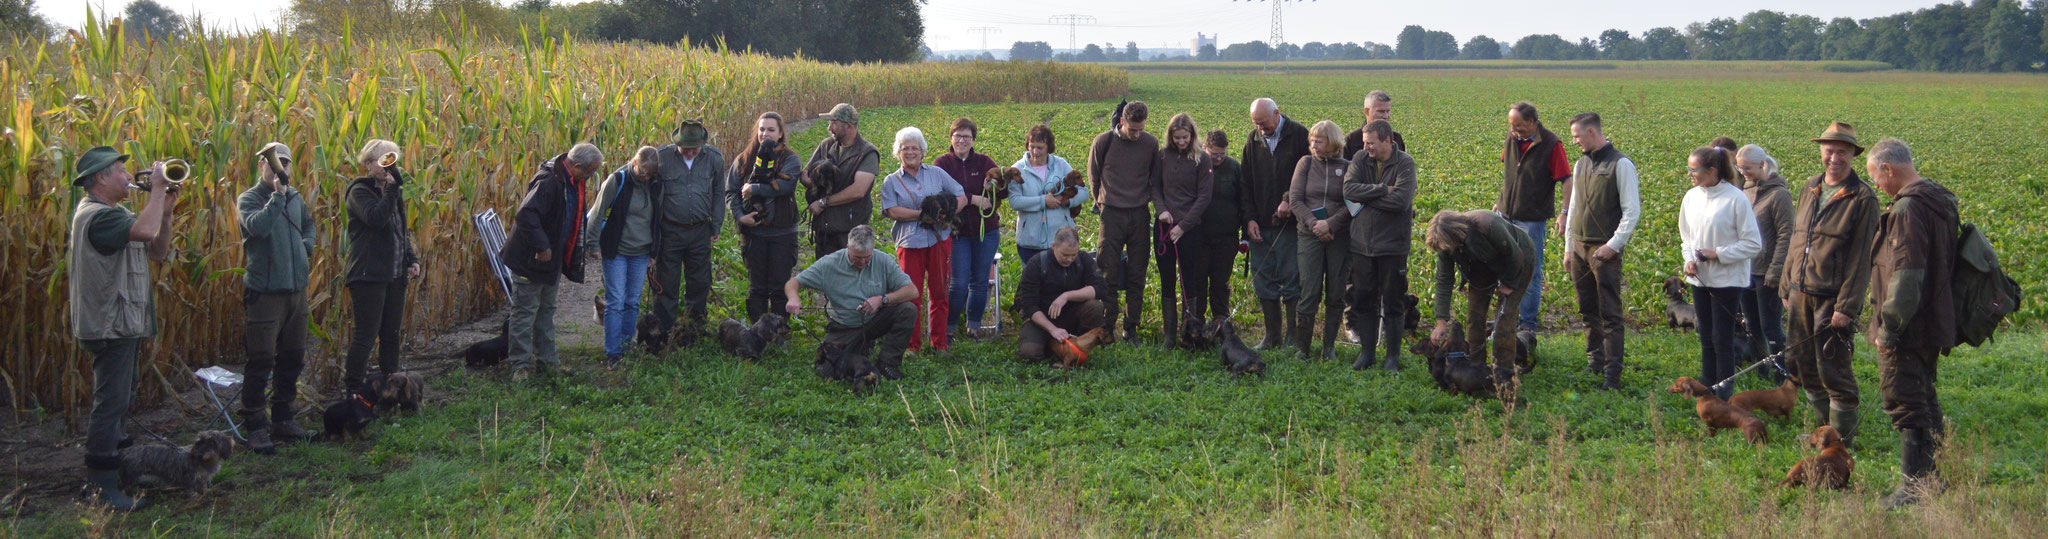 Prüfung Gruppenfoto